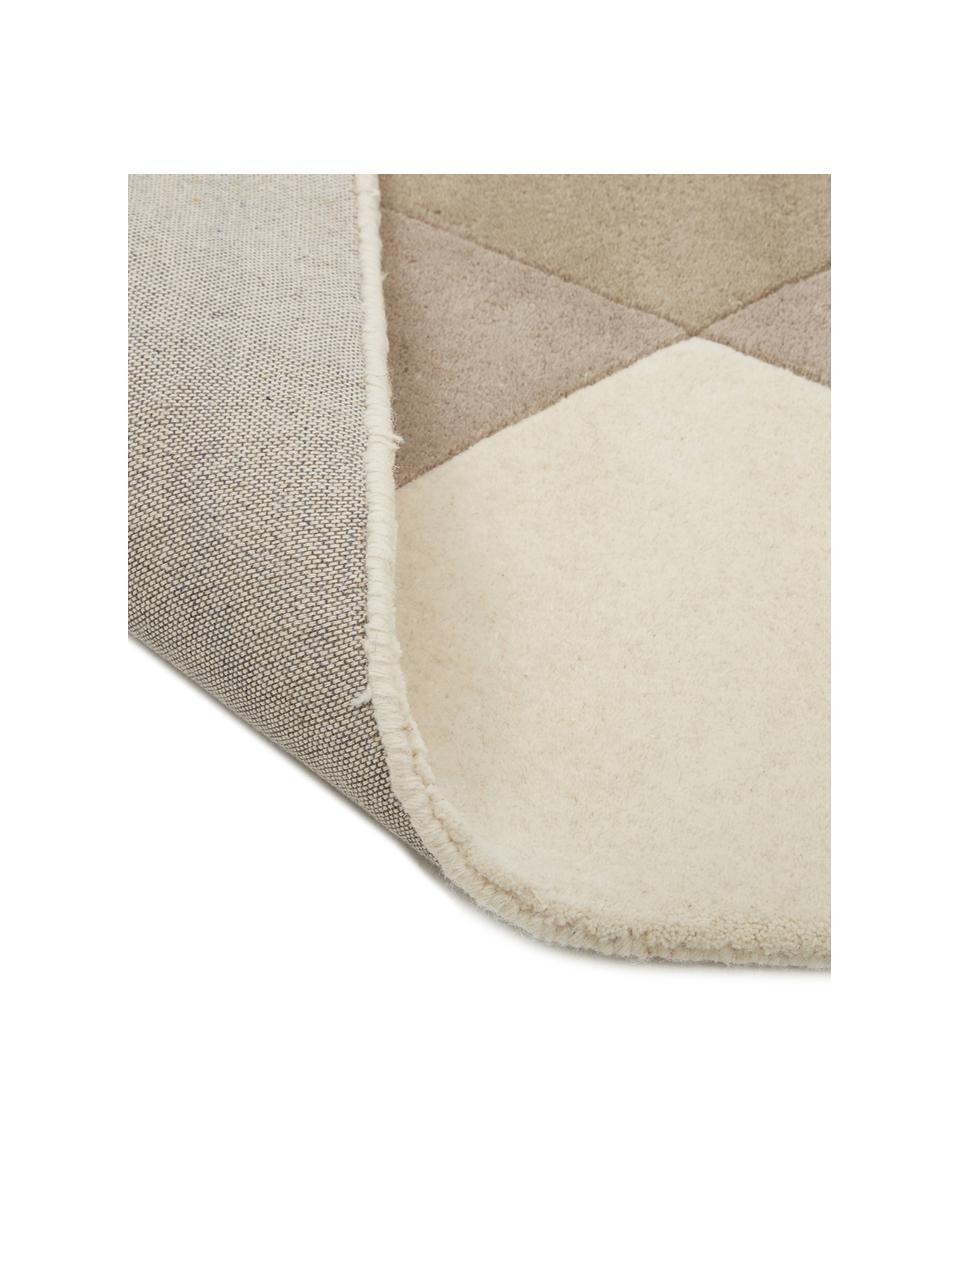 Tappeto di design in lana taftato a mano Freya, Retro: lana Nel caso dei tappeti, Giallo senape, beige, grigio, marrone, Larg. 200 x Lung. 300 cm (taglia L)